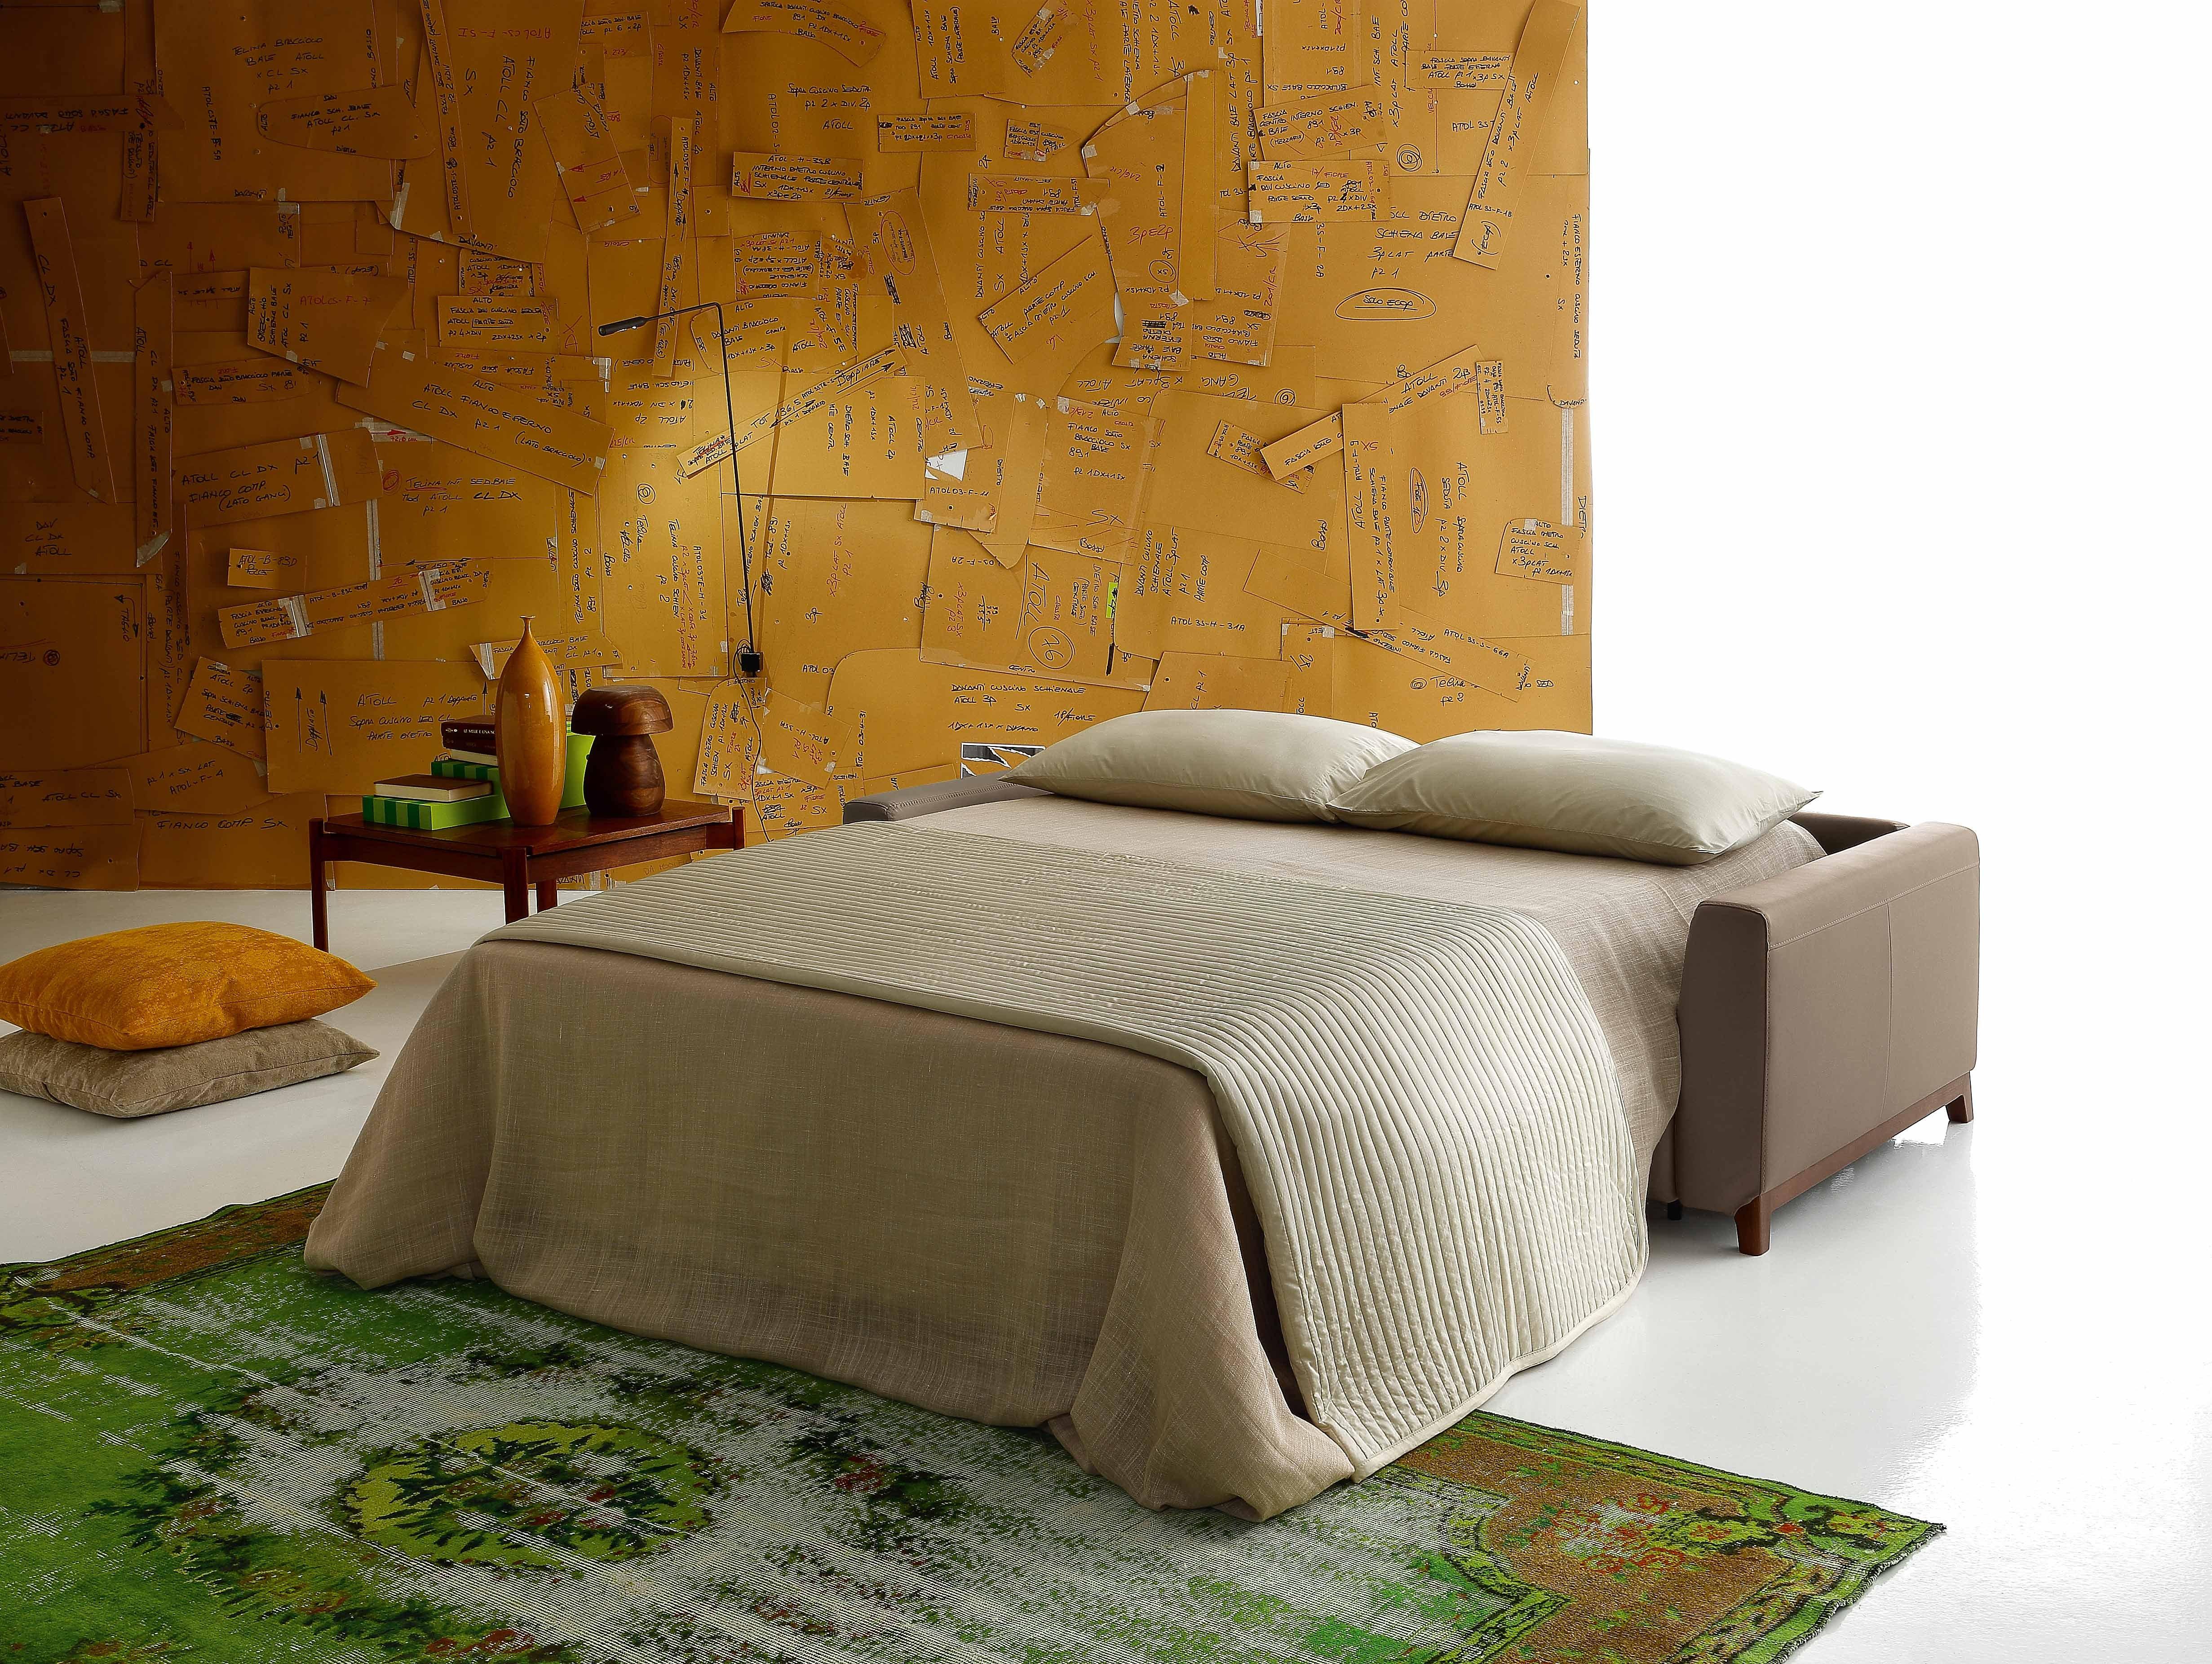 Divano comodo ikea idee per il design della casa - Divano letto comodo per dormire ...